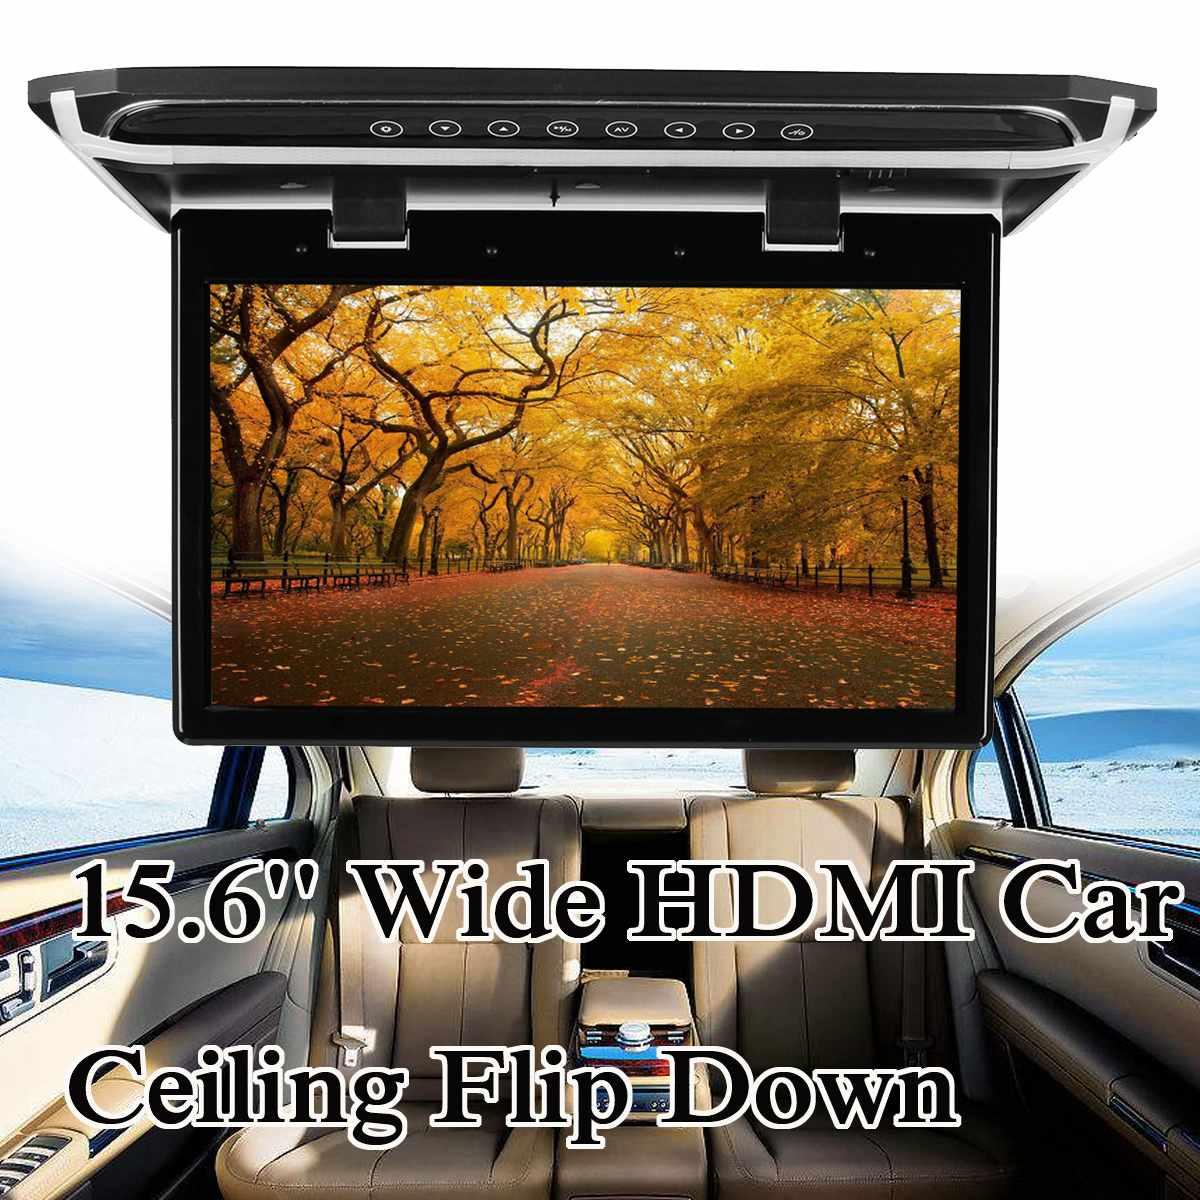 Reproductor de DVD de pantalla ancha HD de 15,6 pulgadas para coche, reproductor de montaje en techo de coche HDMI abatible hacia abajo para Monitor 1920*1080 - 5